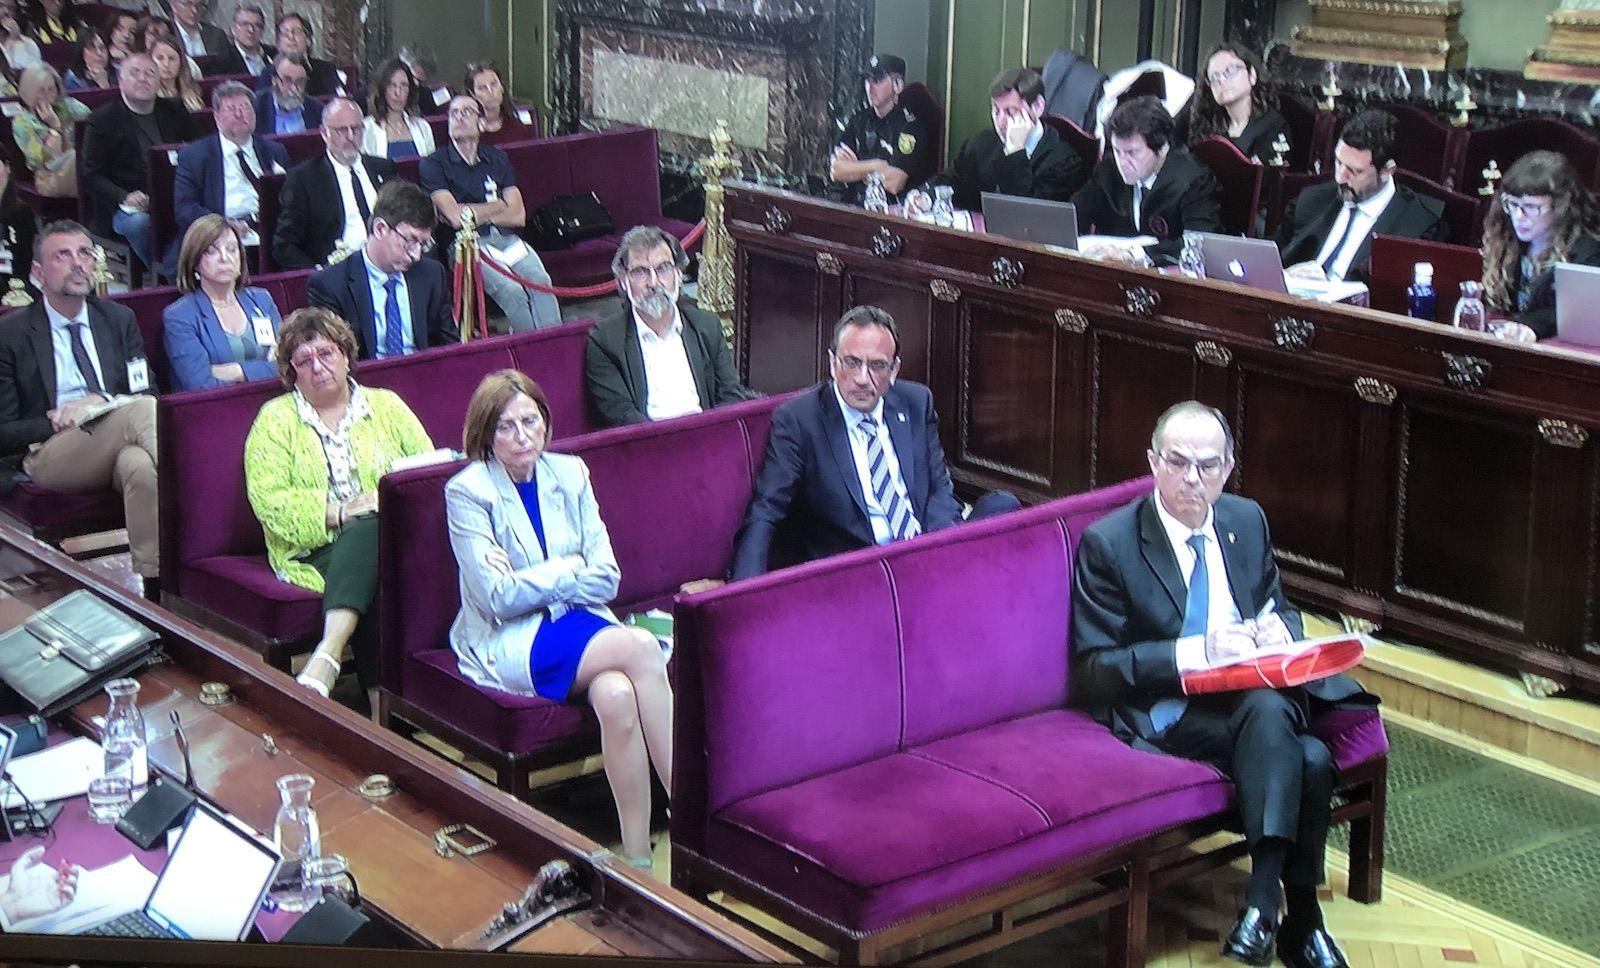 Els presos pol?tics, llevat de Junqueras i Romeva, seuen a la banqueta dels acusats mentre escolten els informes